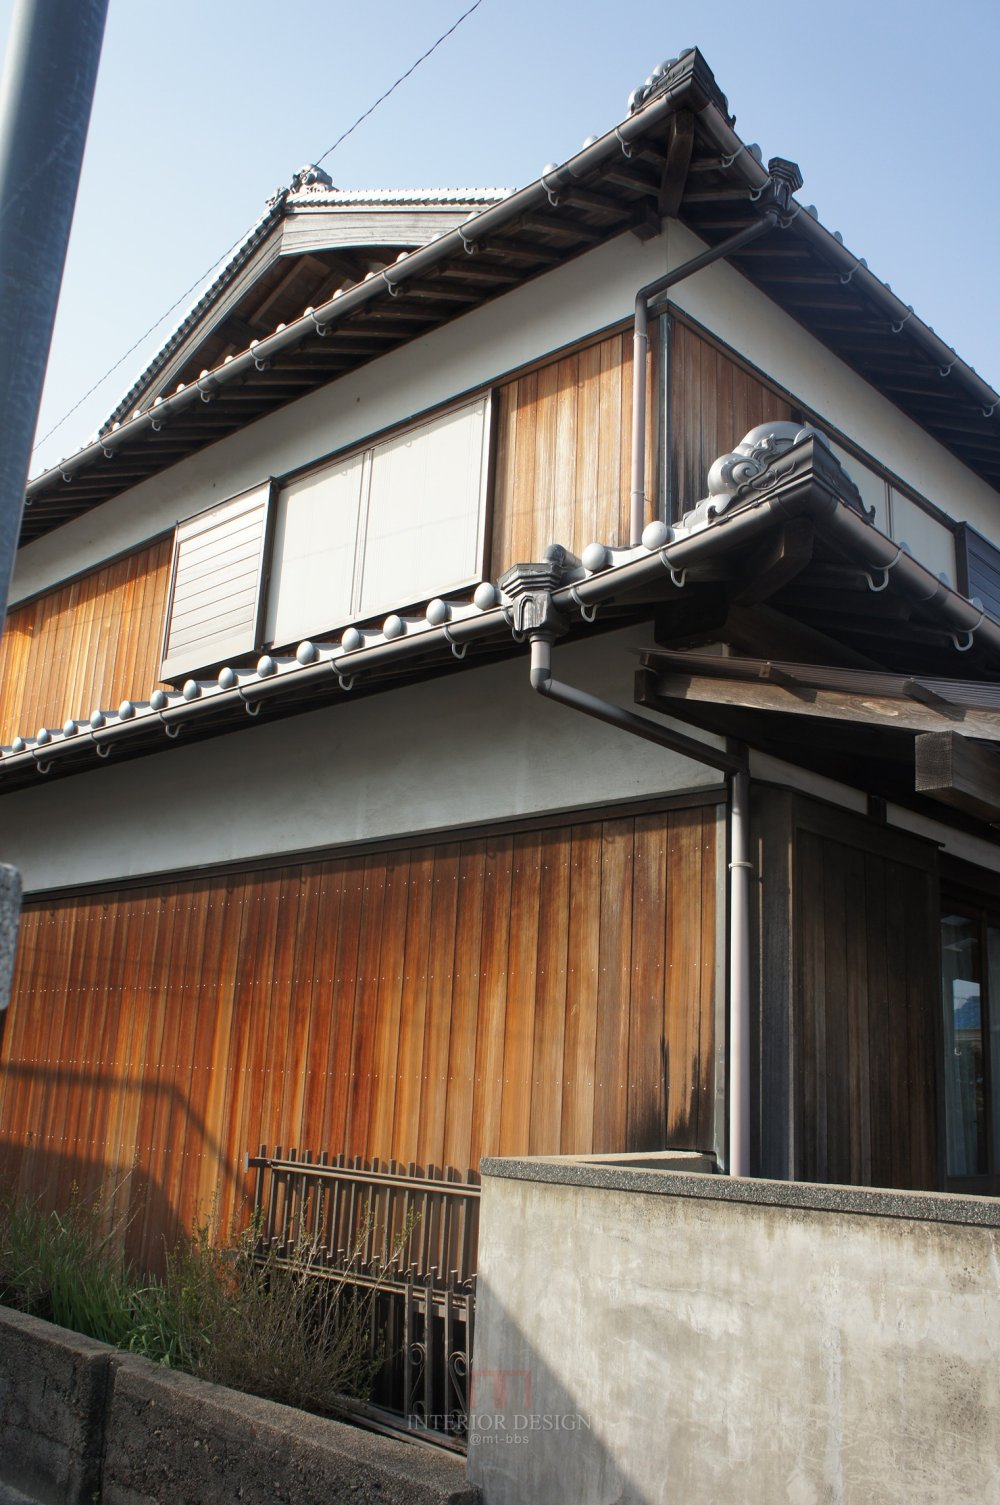 #伙伴一起看日本#  日本设计考察分享(更新美秀美术馆)_DSC05855.JPG